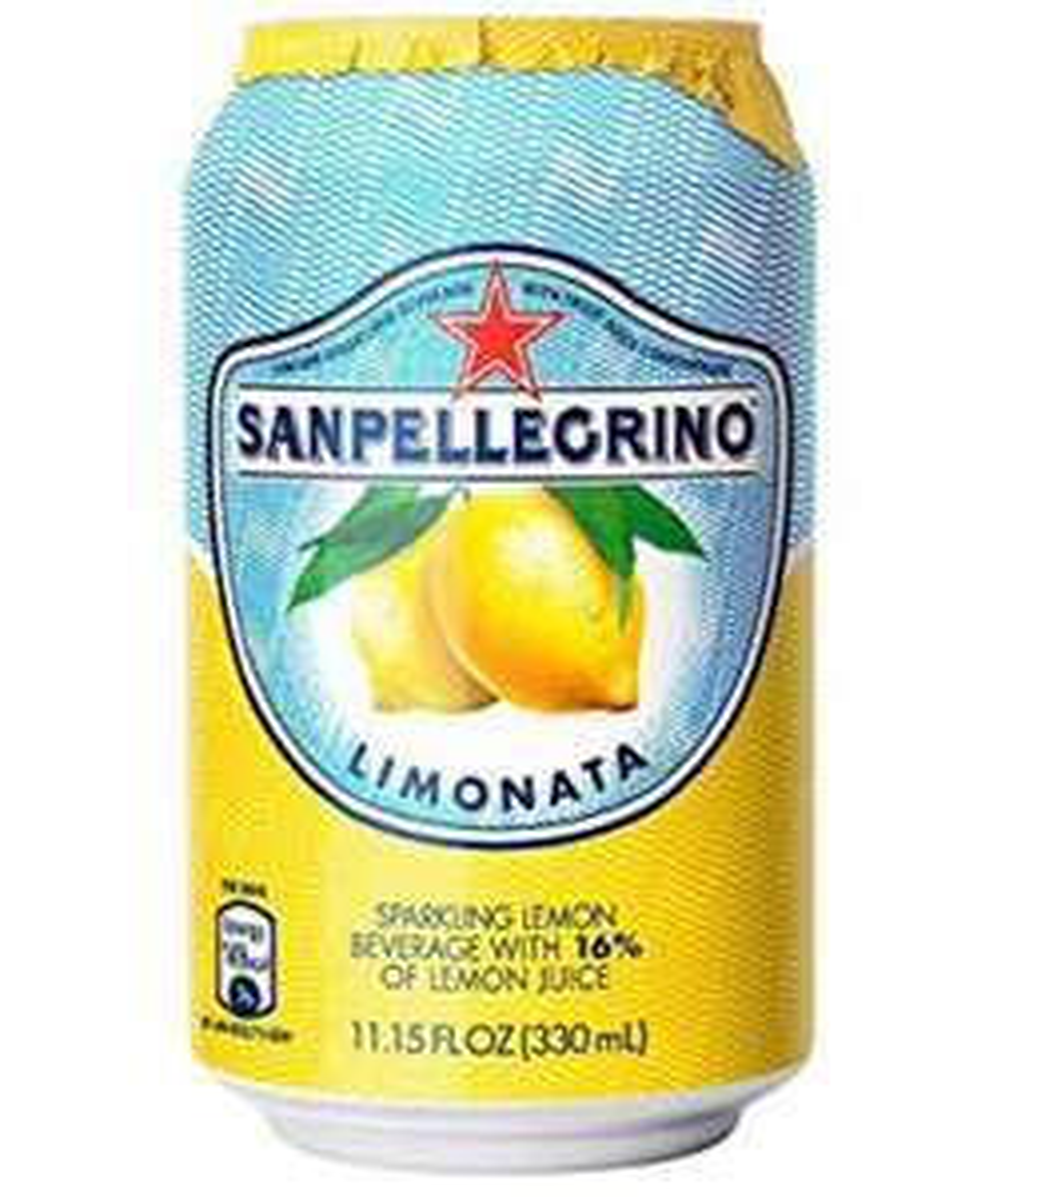 Sanpellegrino lemon - 49p instore @ B&M